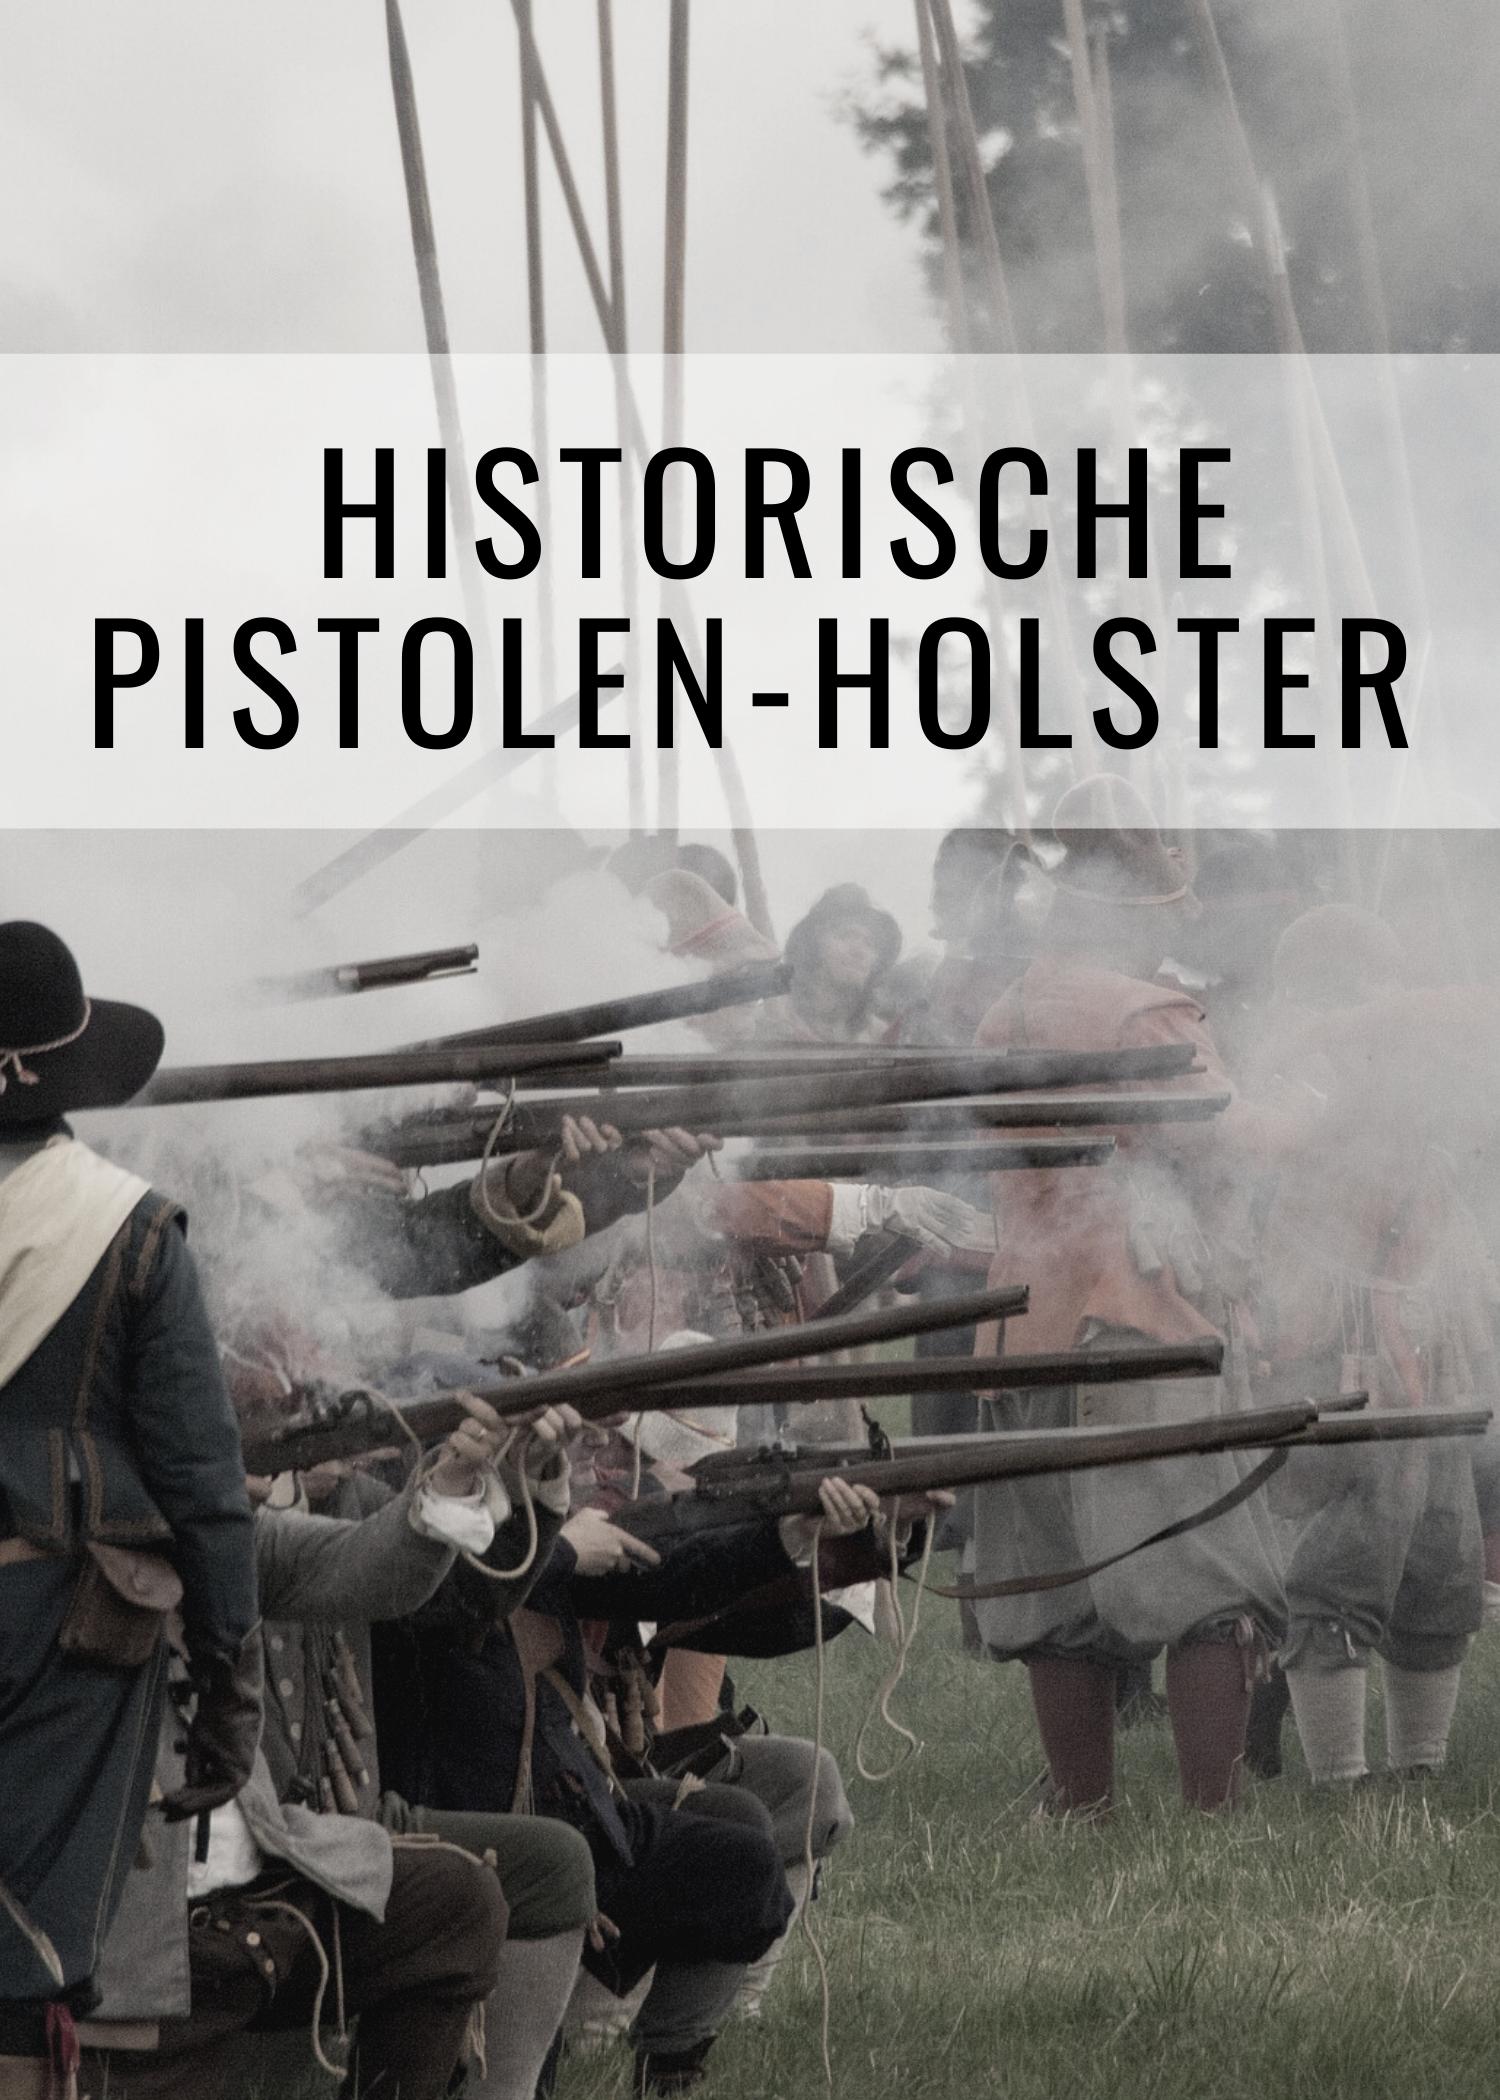 Historische Pistolen-Holster für LARP, Reenactment und Cosplay